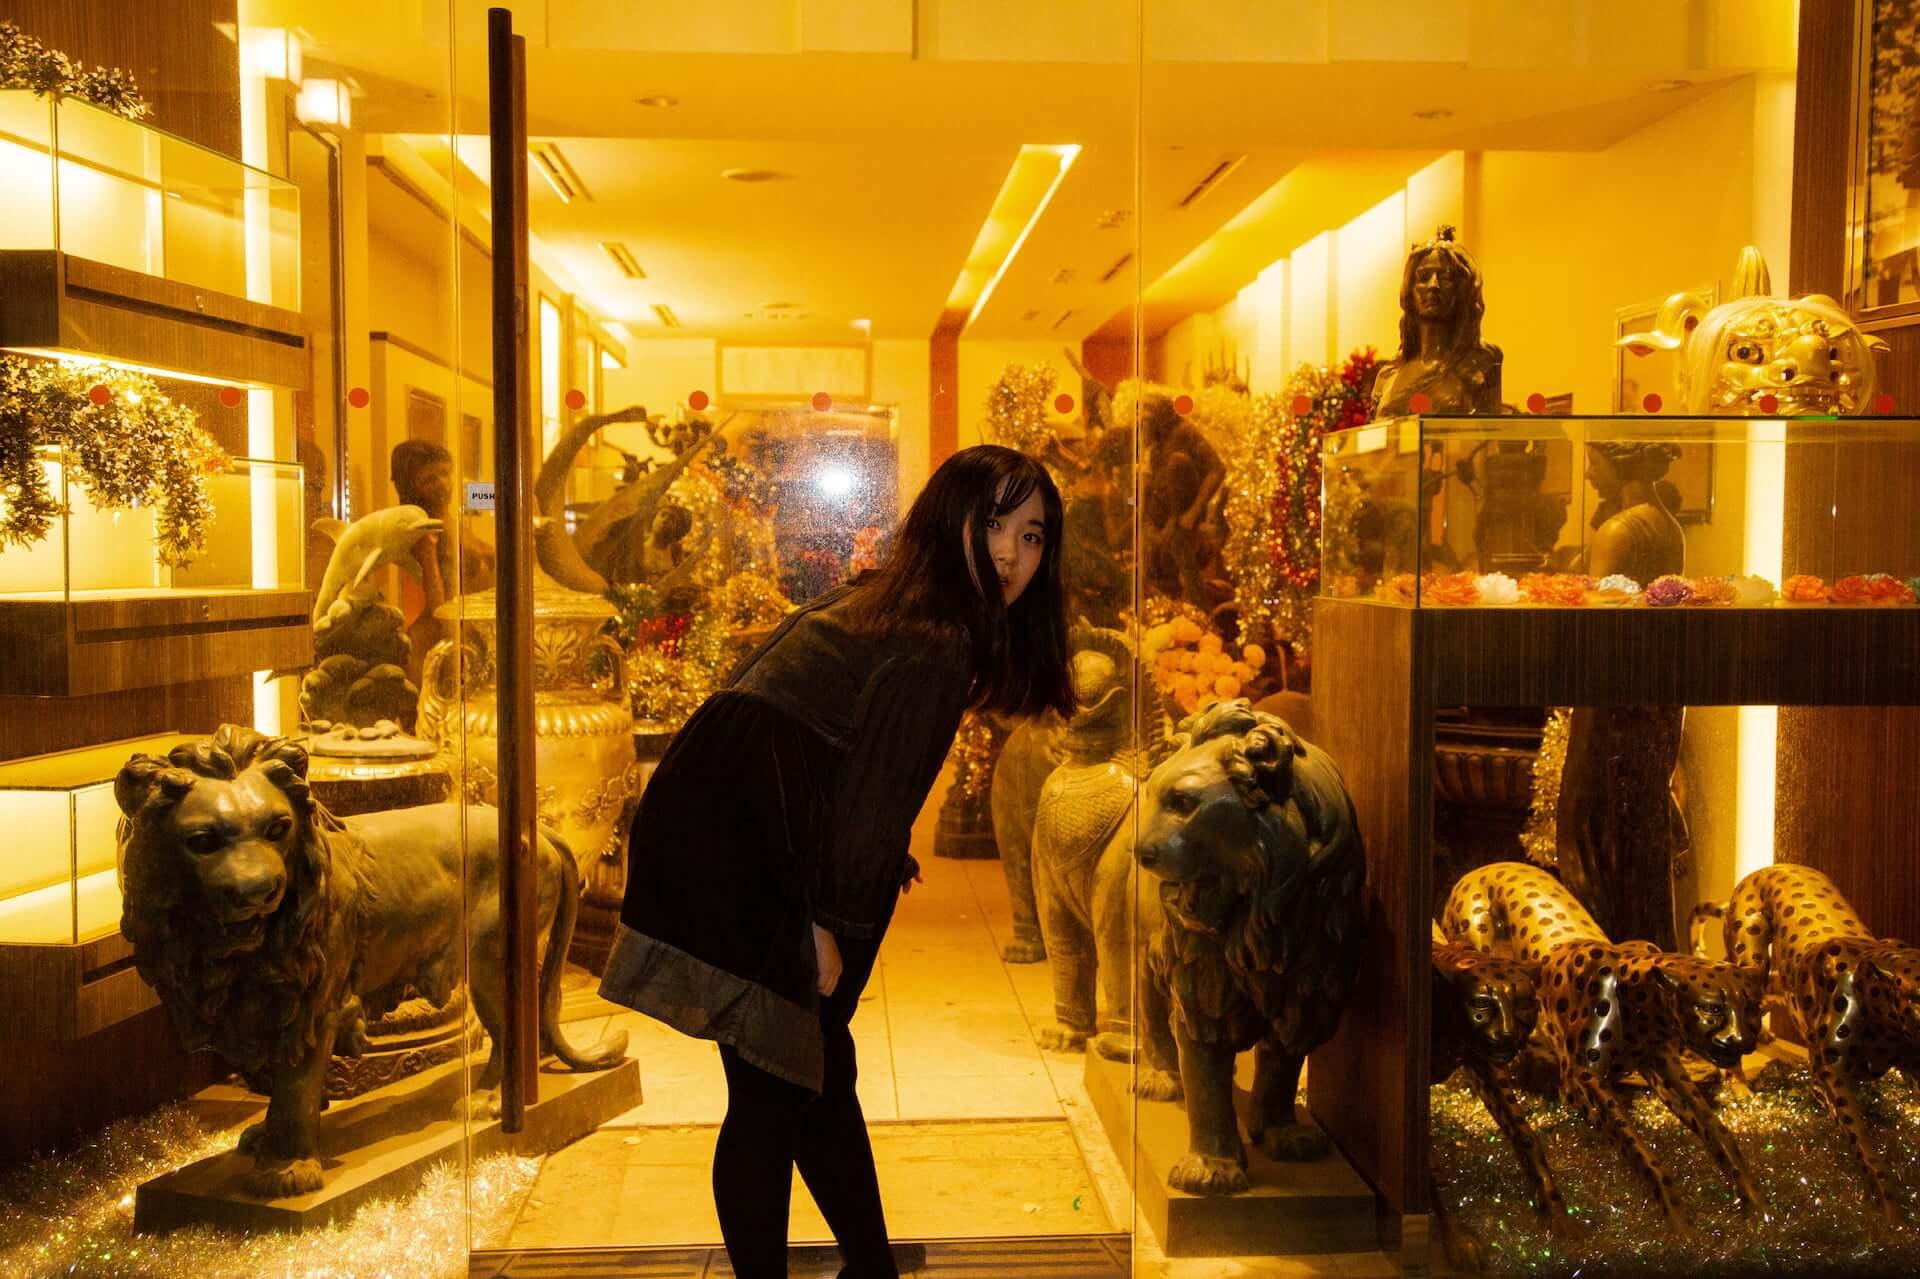 オカモトレイジがキュレーションするハロウィンイベント<YAGI Halloween>が渋谷Contactにて開催決定!JUBEE、GUCCIMAZE、Licaxxxらが出演 music201026_yagi-halloween_9-1920x1279